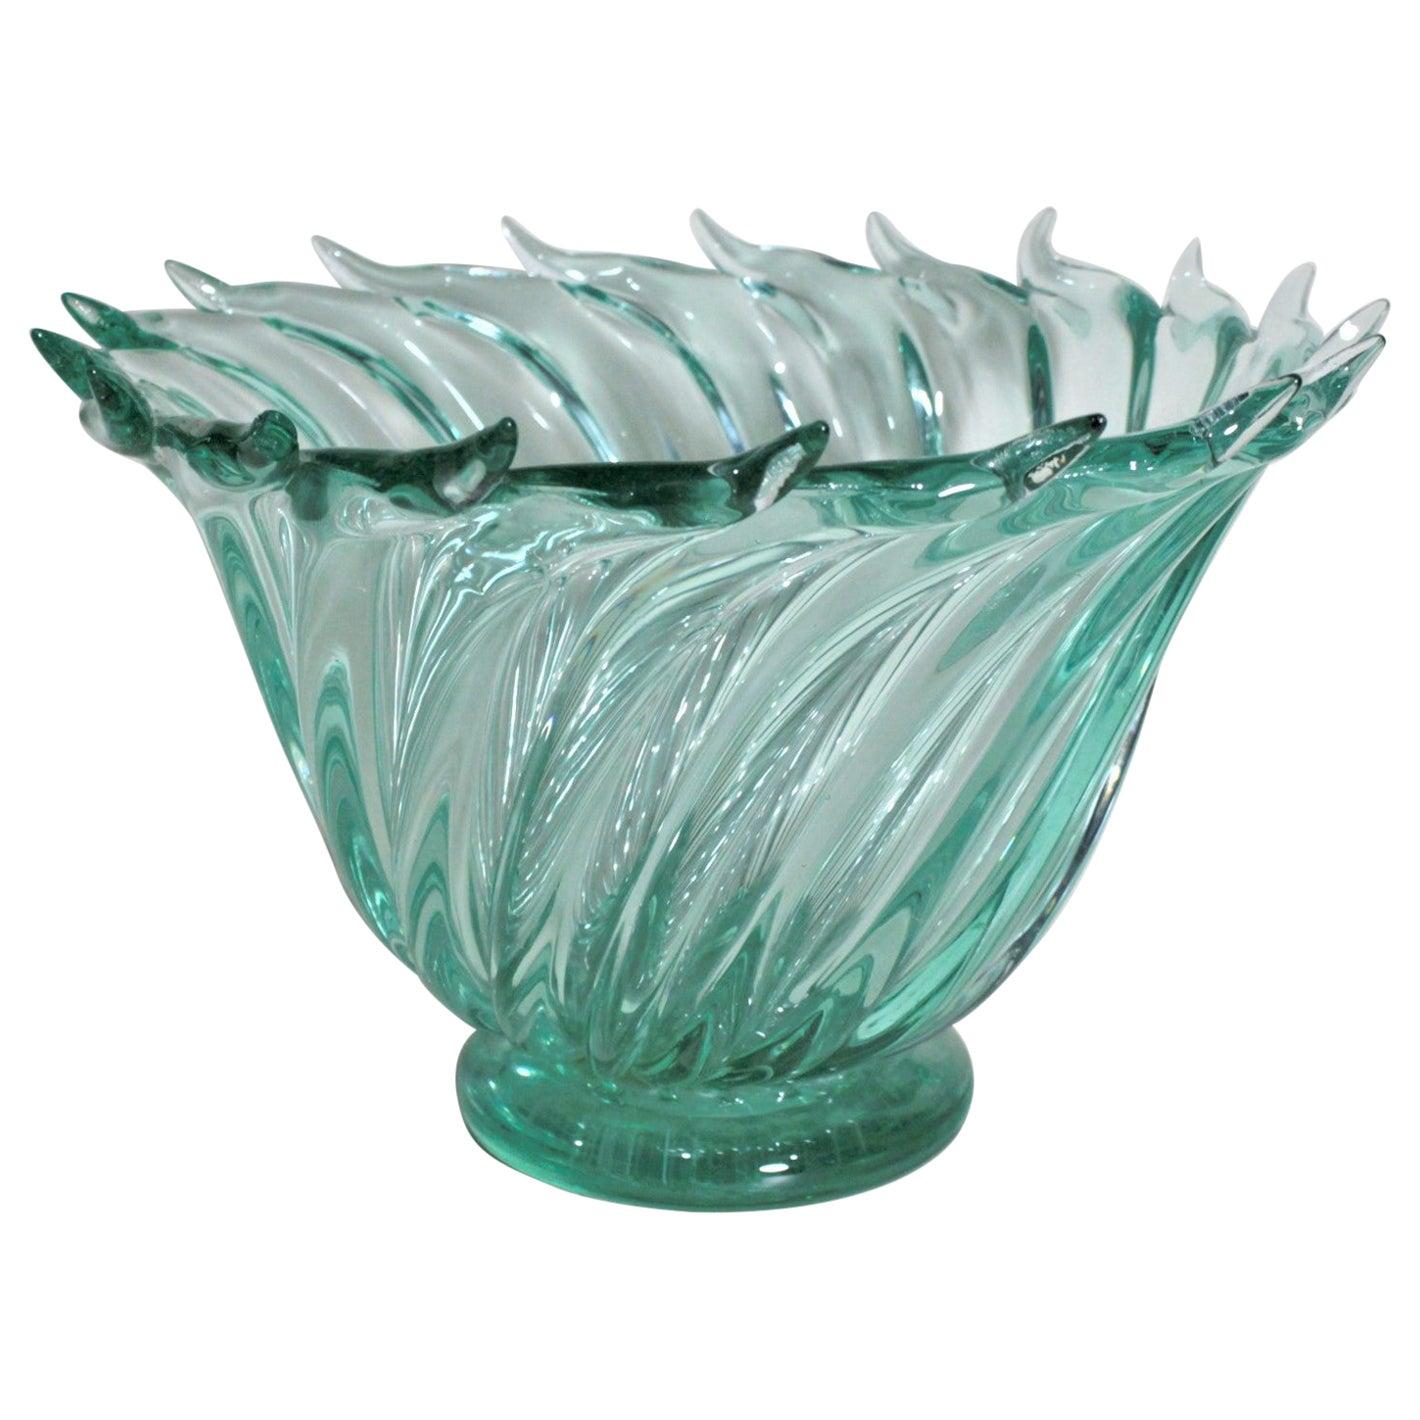 Mid-Century Modern Murano Green Art Glass Swirled Bowl Barovier Attributed